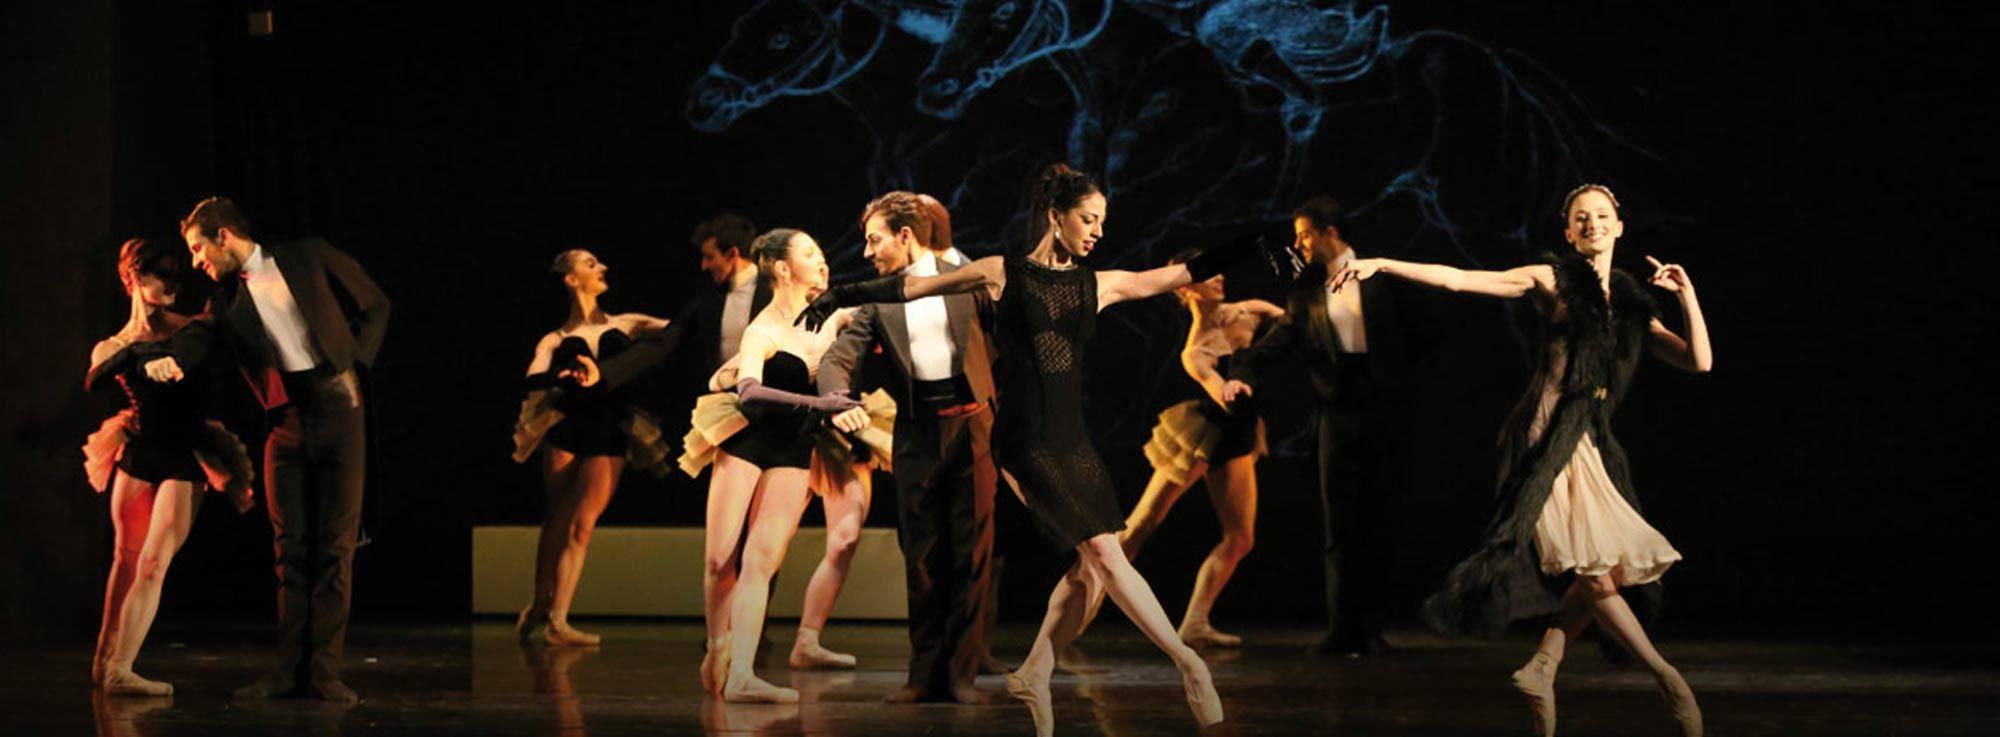 Lecce: Anna Karenina Balletto di Milano